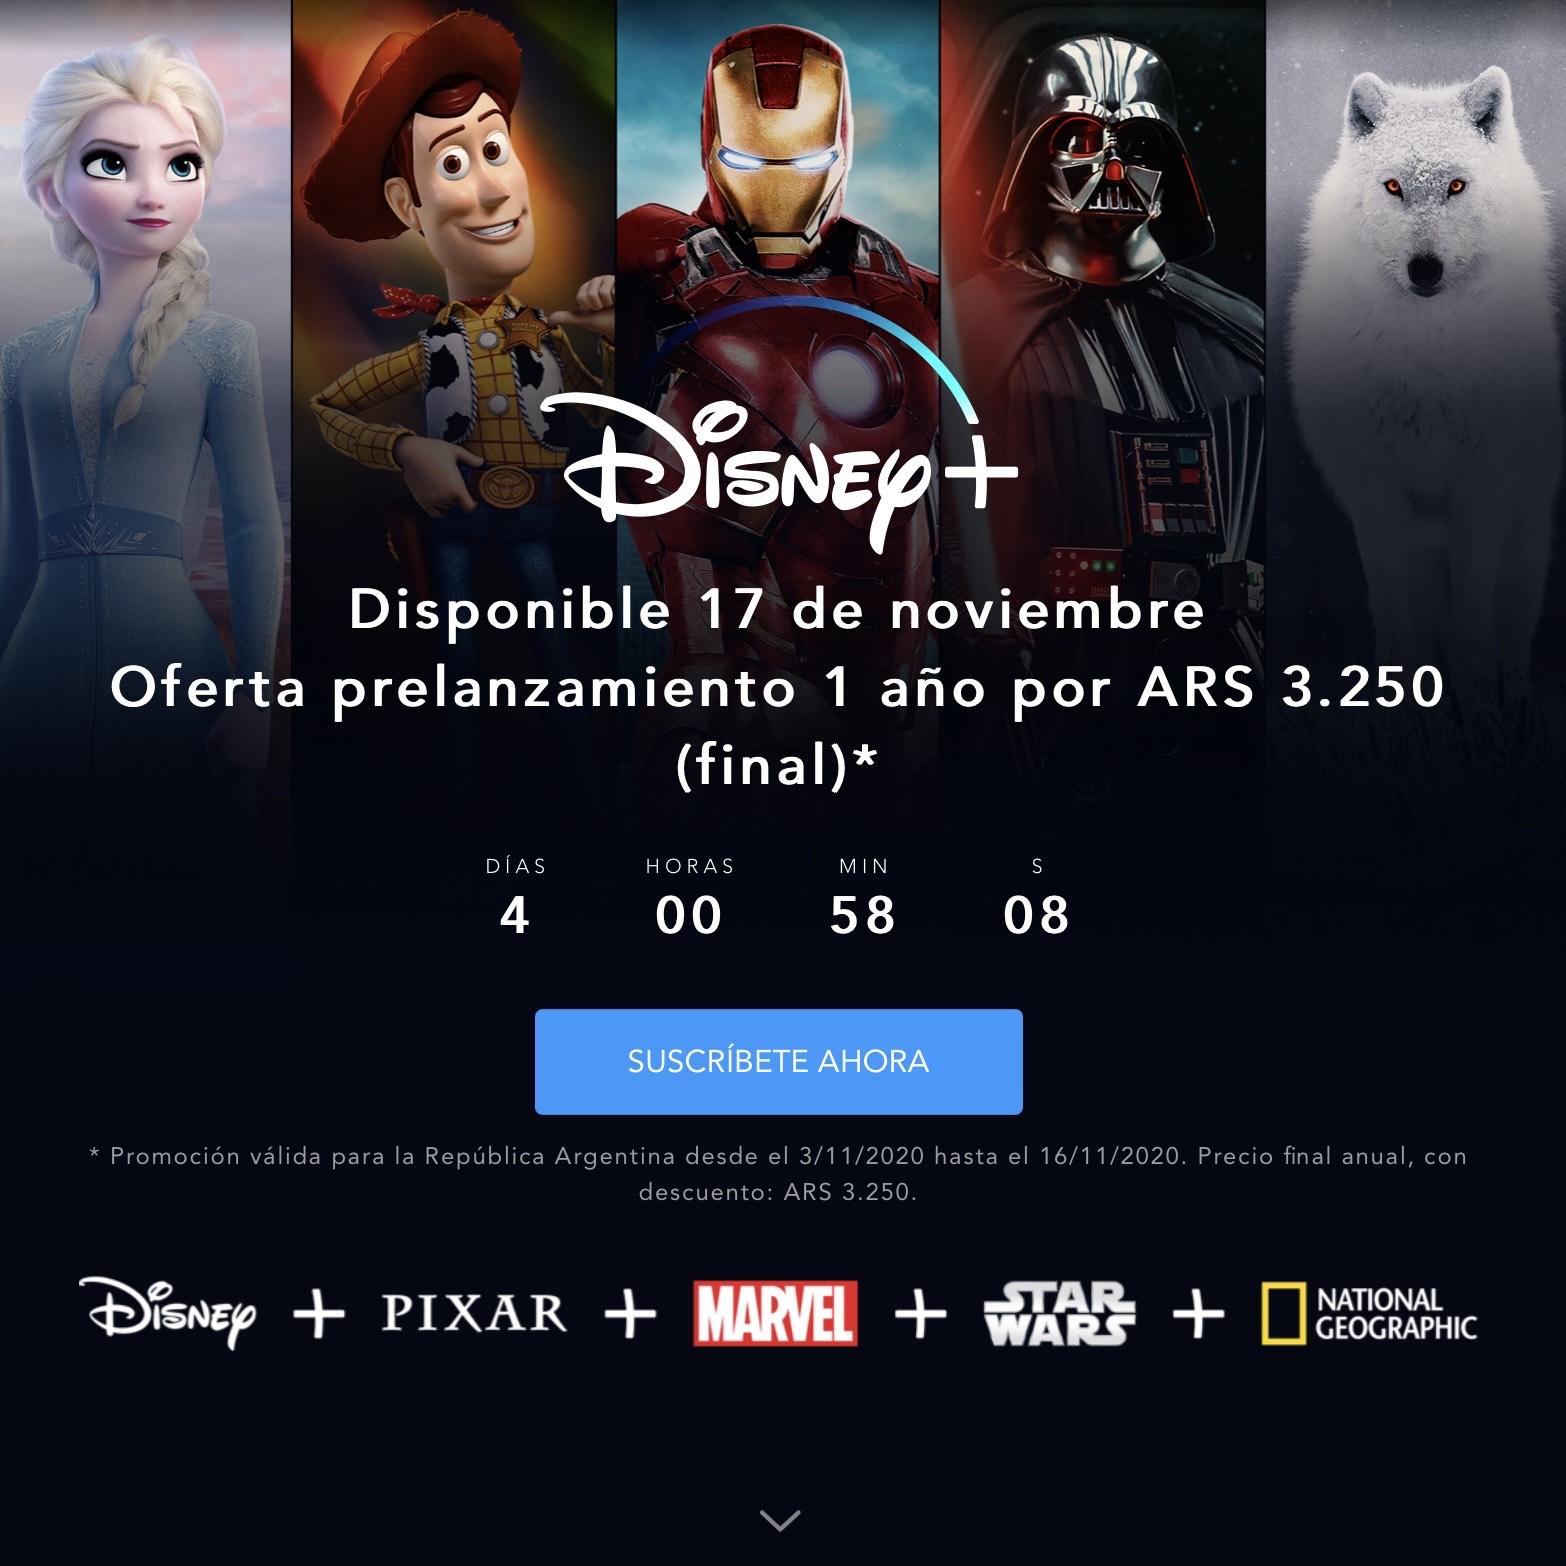 Disney+ por solo 35€ al año al contratar el preestreno en Argentina.